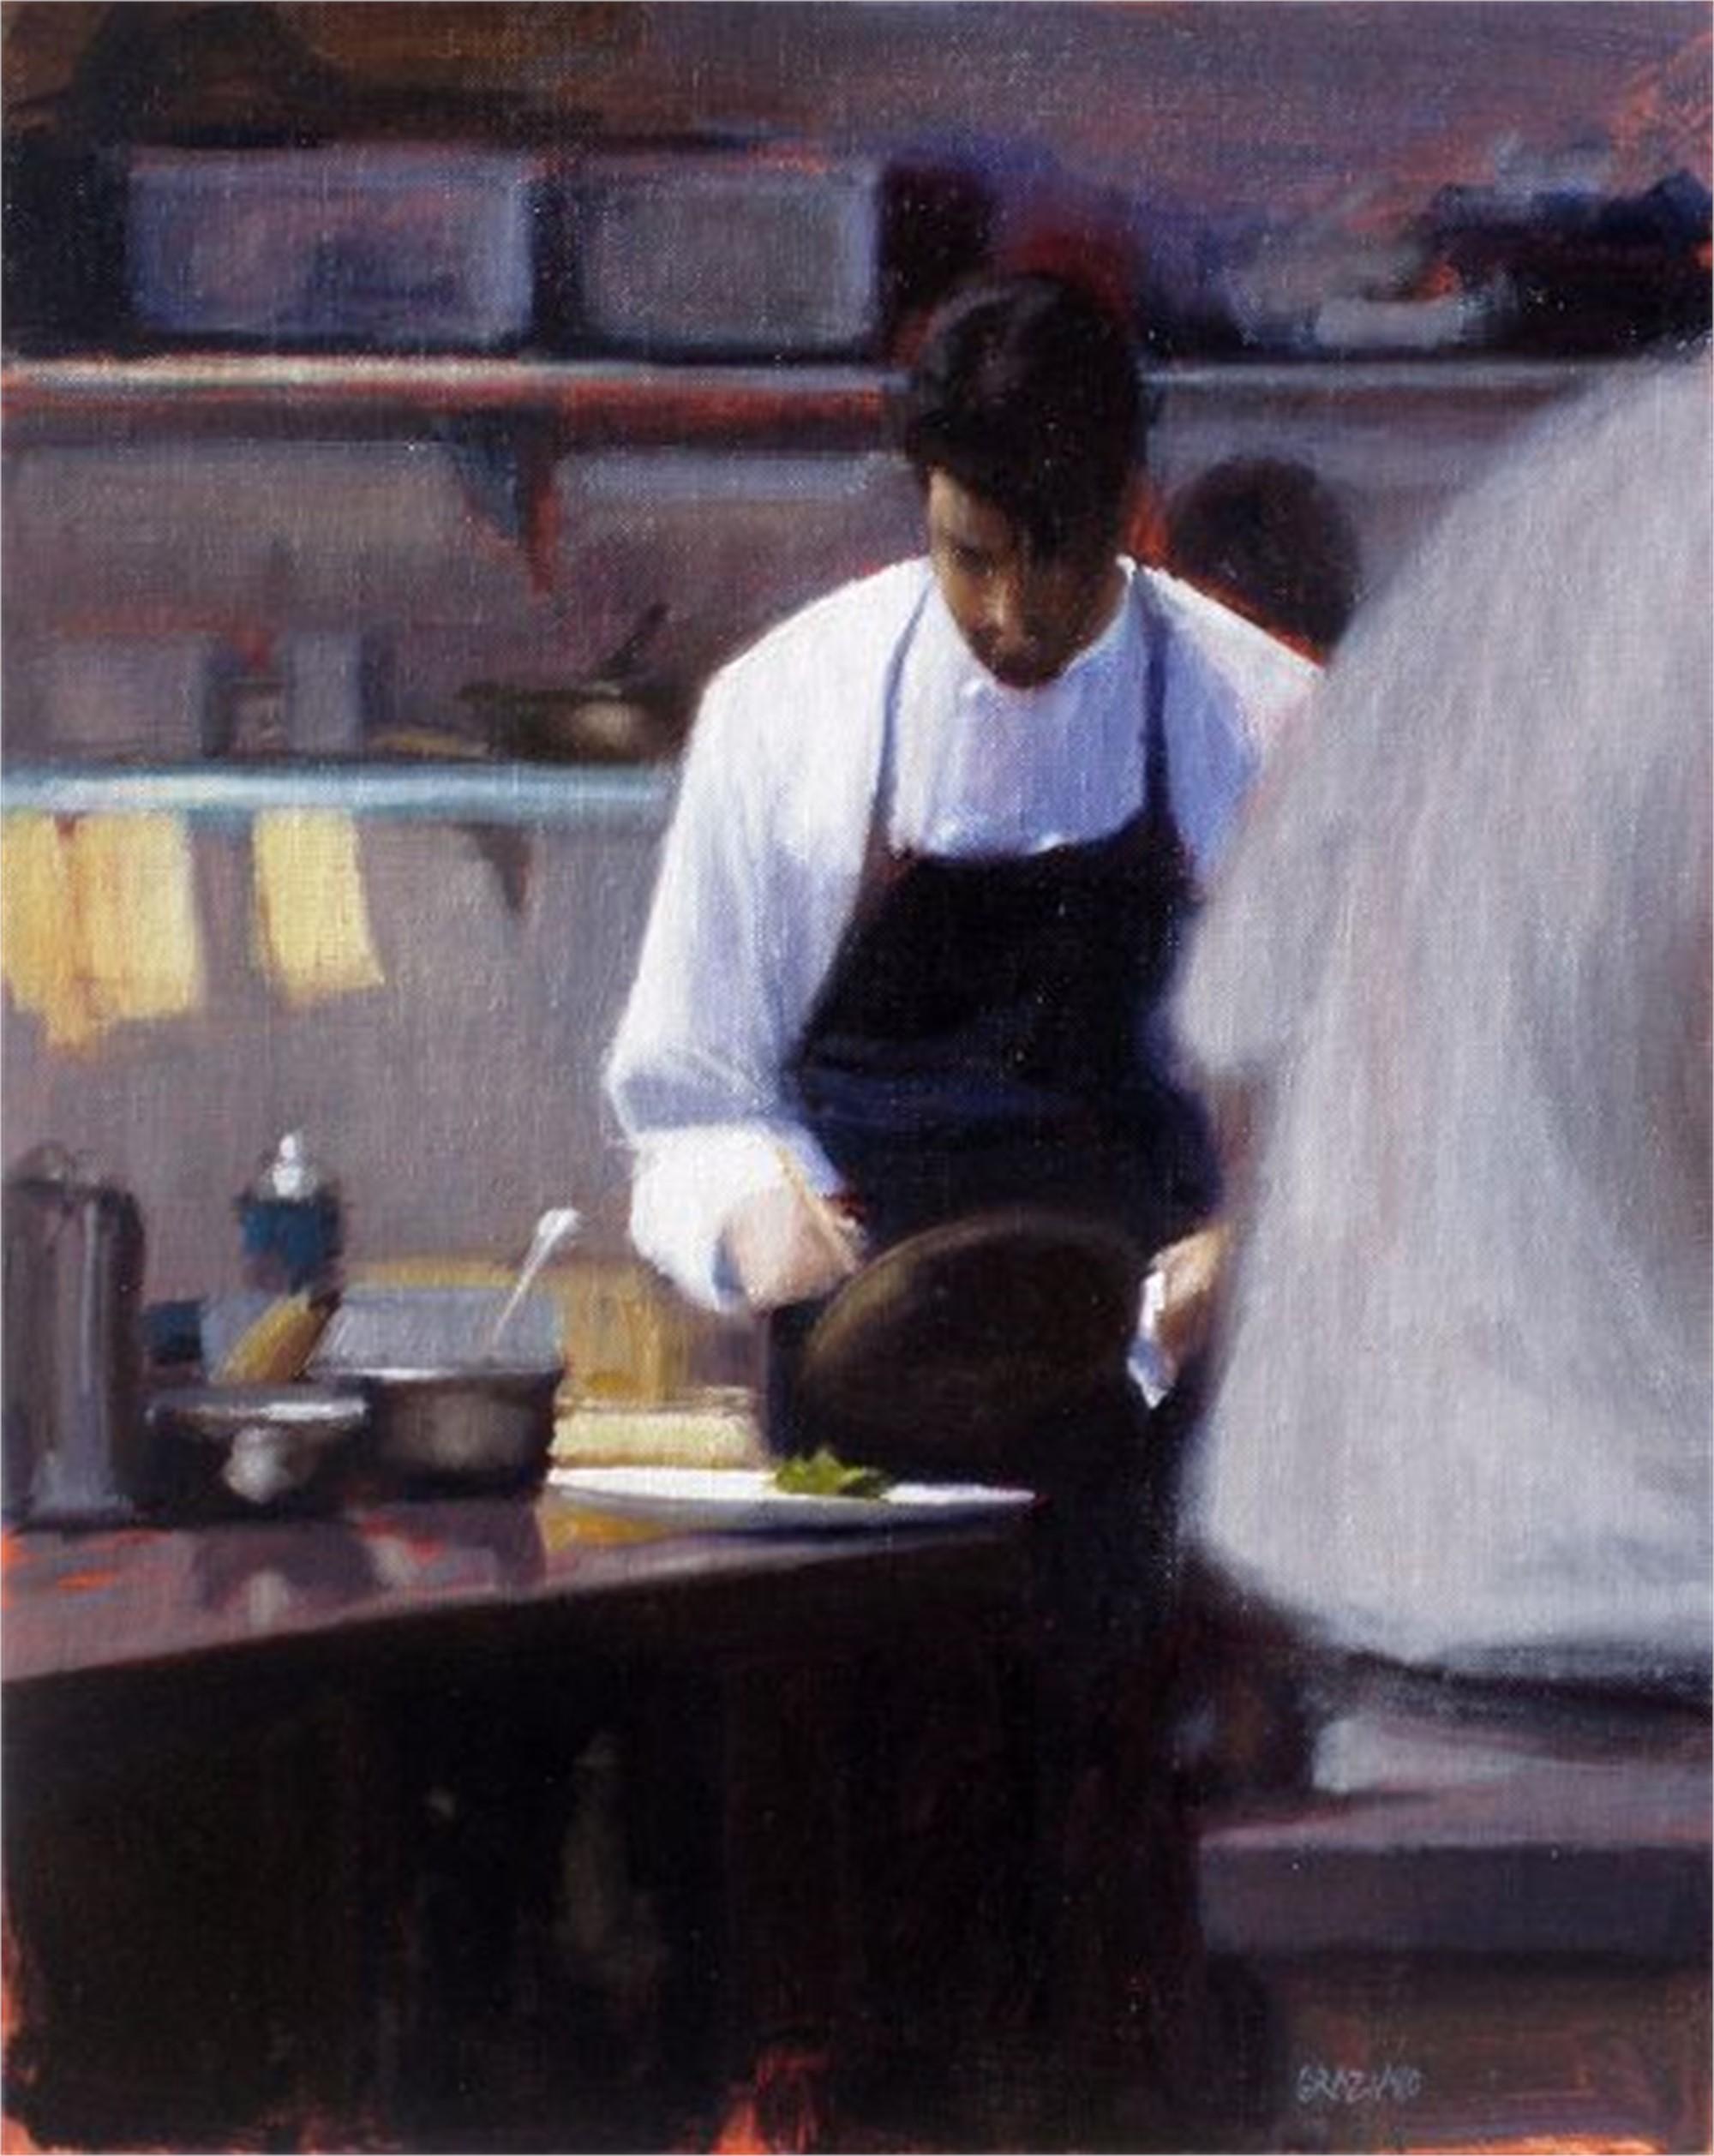 Chef de Cuisine by Dan Graziano